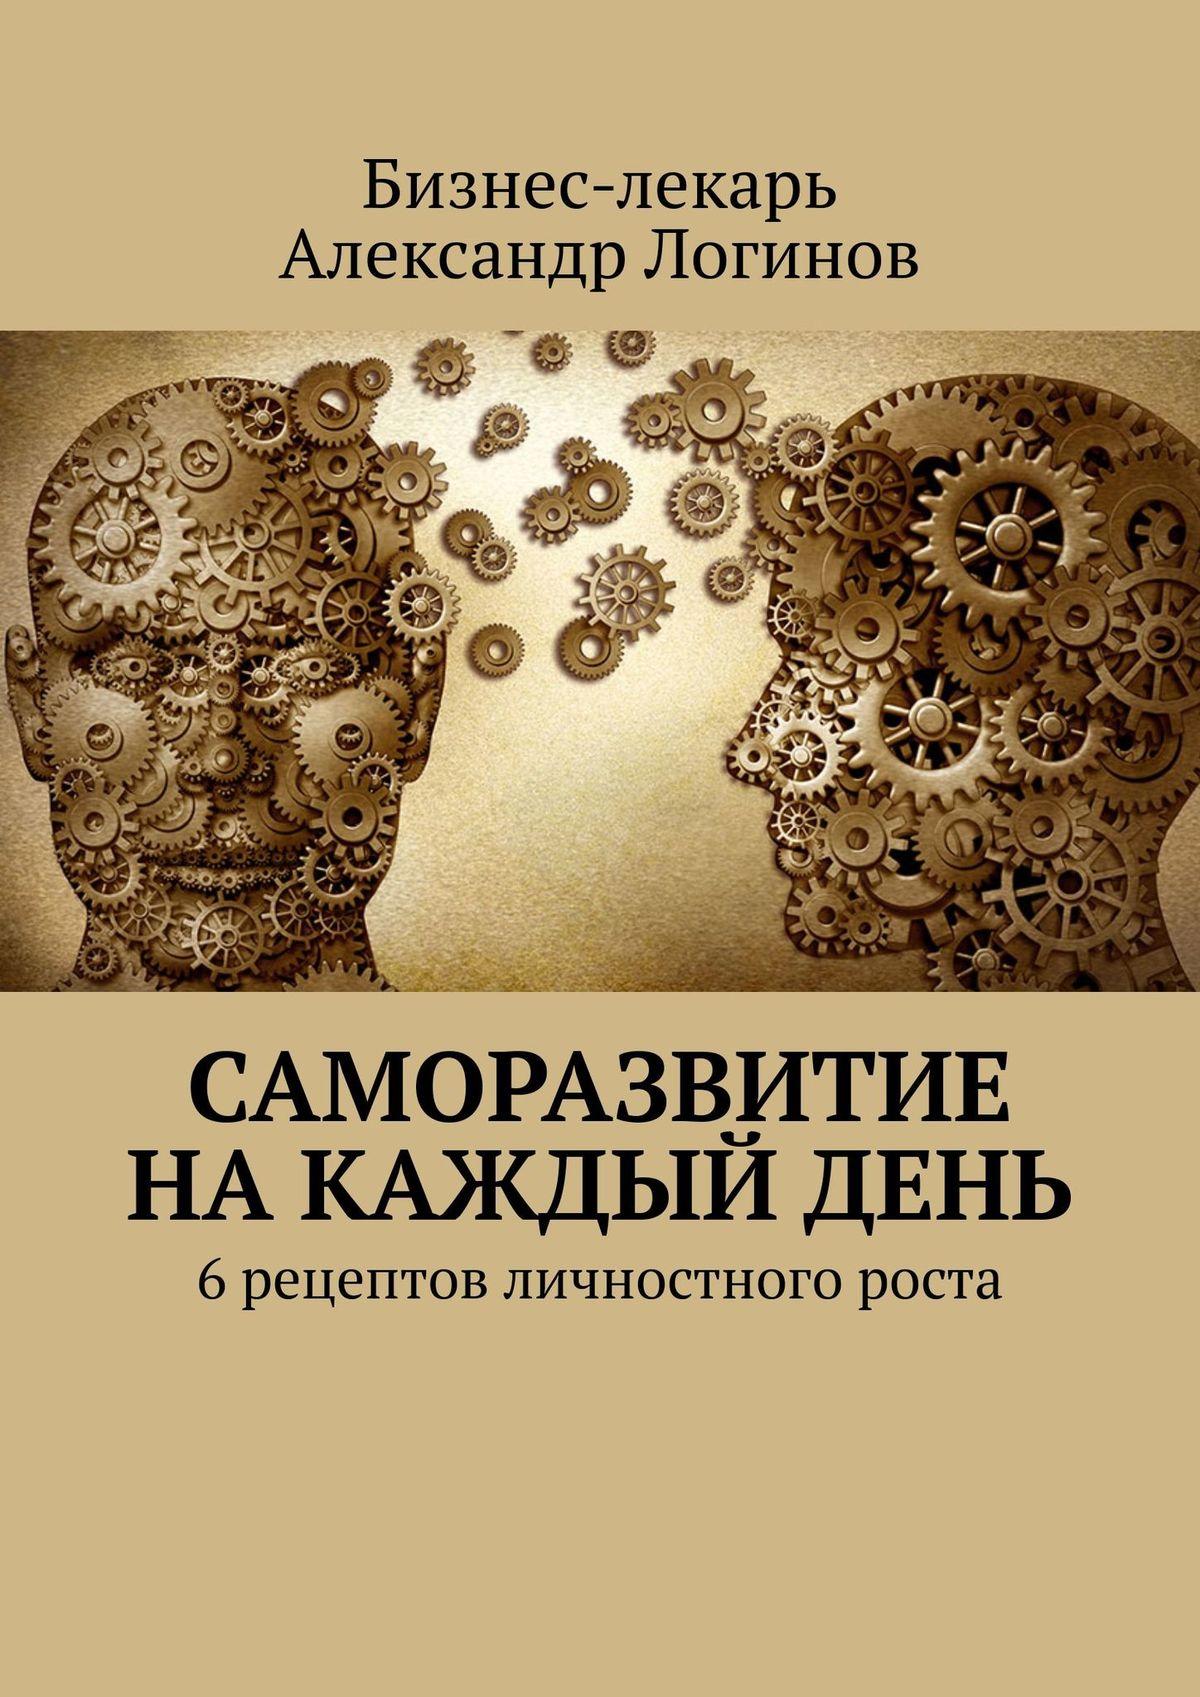 Бизнес-лекарь Александр Логинов Саморазвитие накаждыйдень. 6рецептов личностного роста бизнес книги саморазвитие